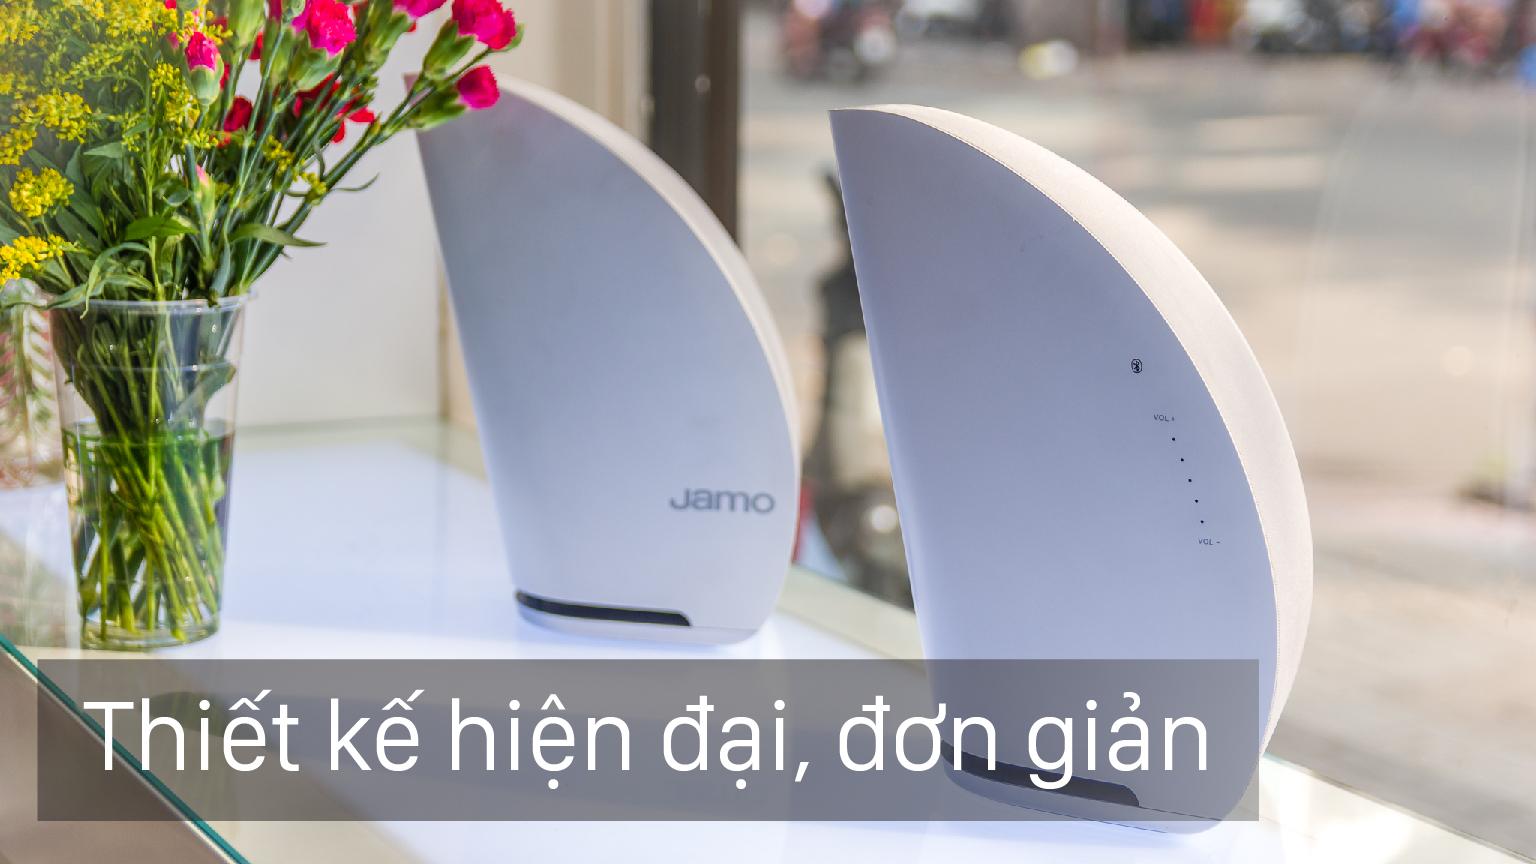 http://audiocaocap.com/